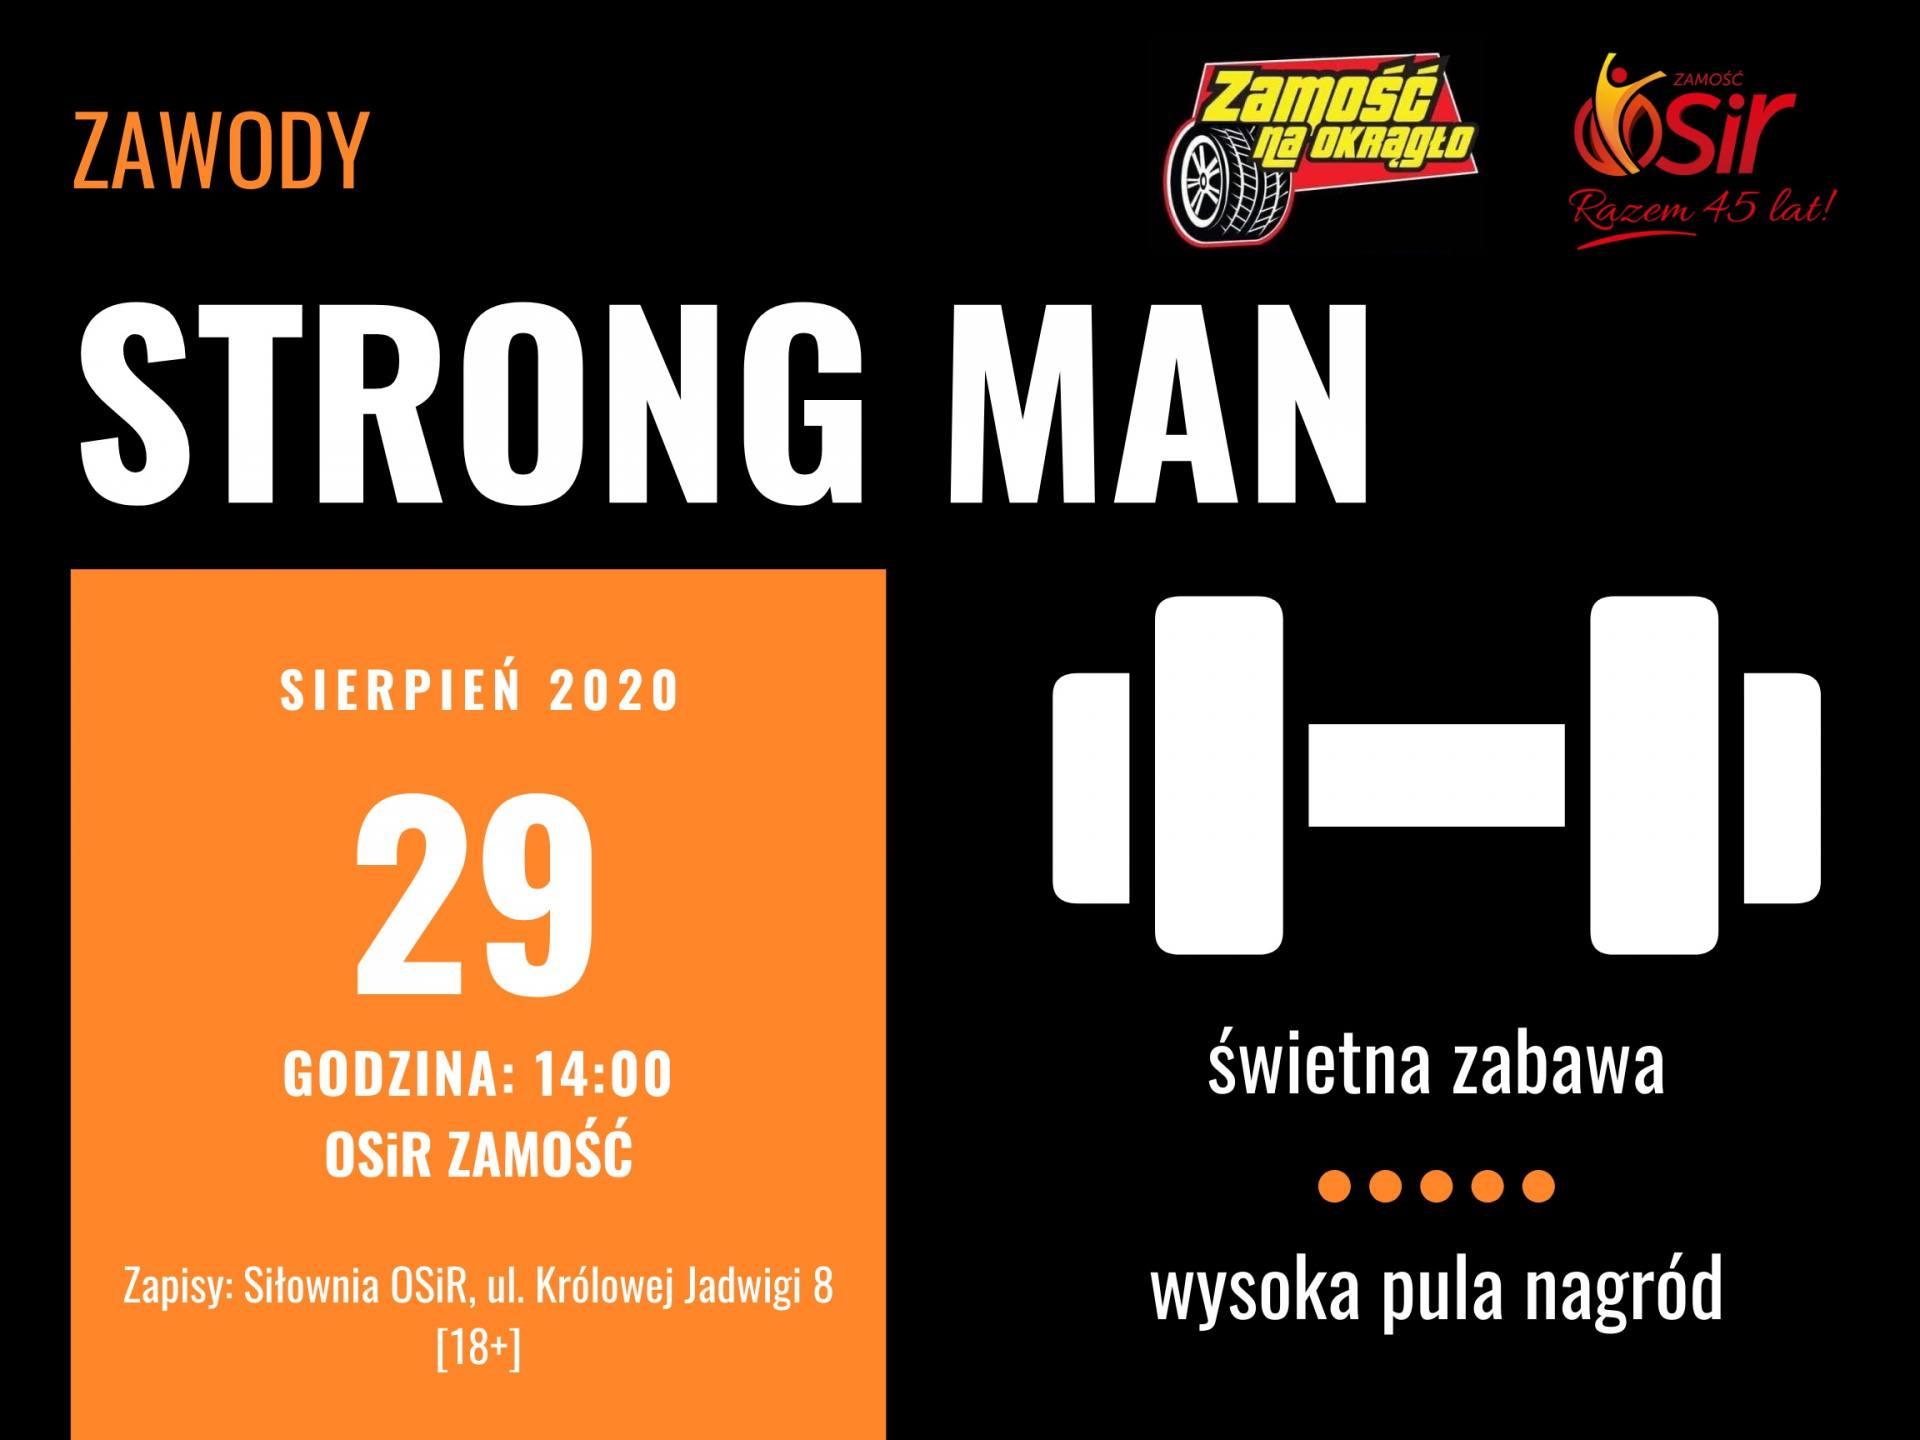 strongman Wyłonią najsilniejszego. Zawody Strong Man w Zamościu